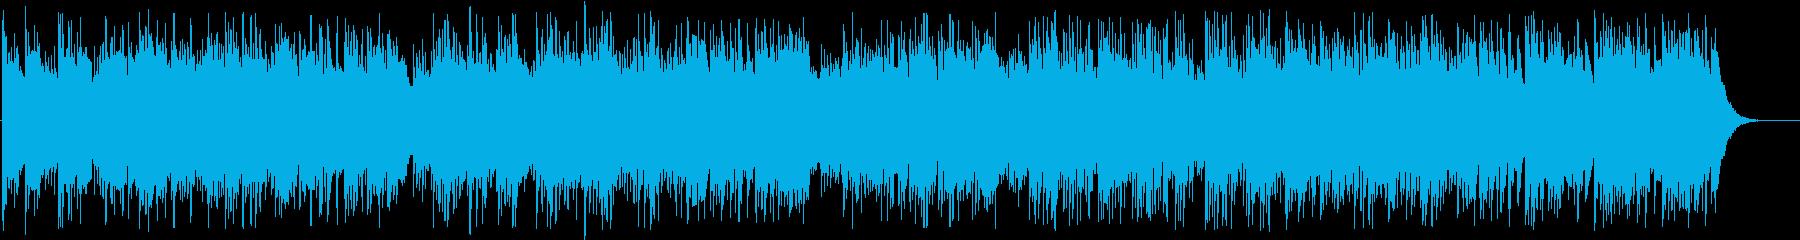 フォーク楽器。アコースティックスラ...の再生済みの波形